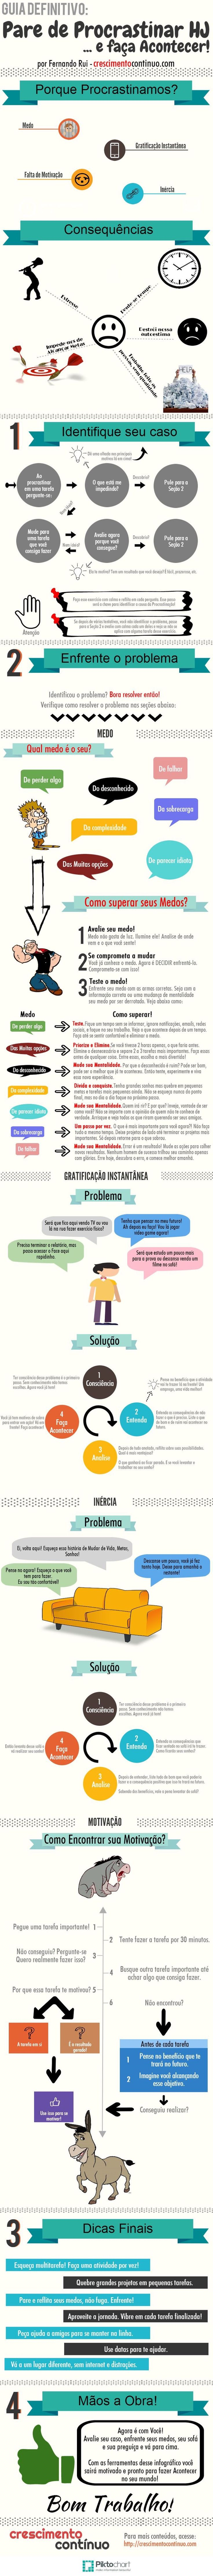 Prostração, ansiedade, procrastinação: eu em 3 palavras. Help! | Ixi, Girl!